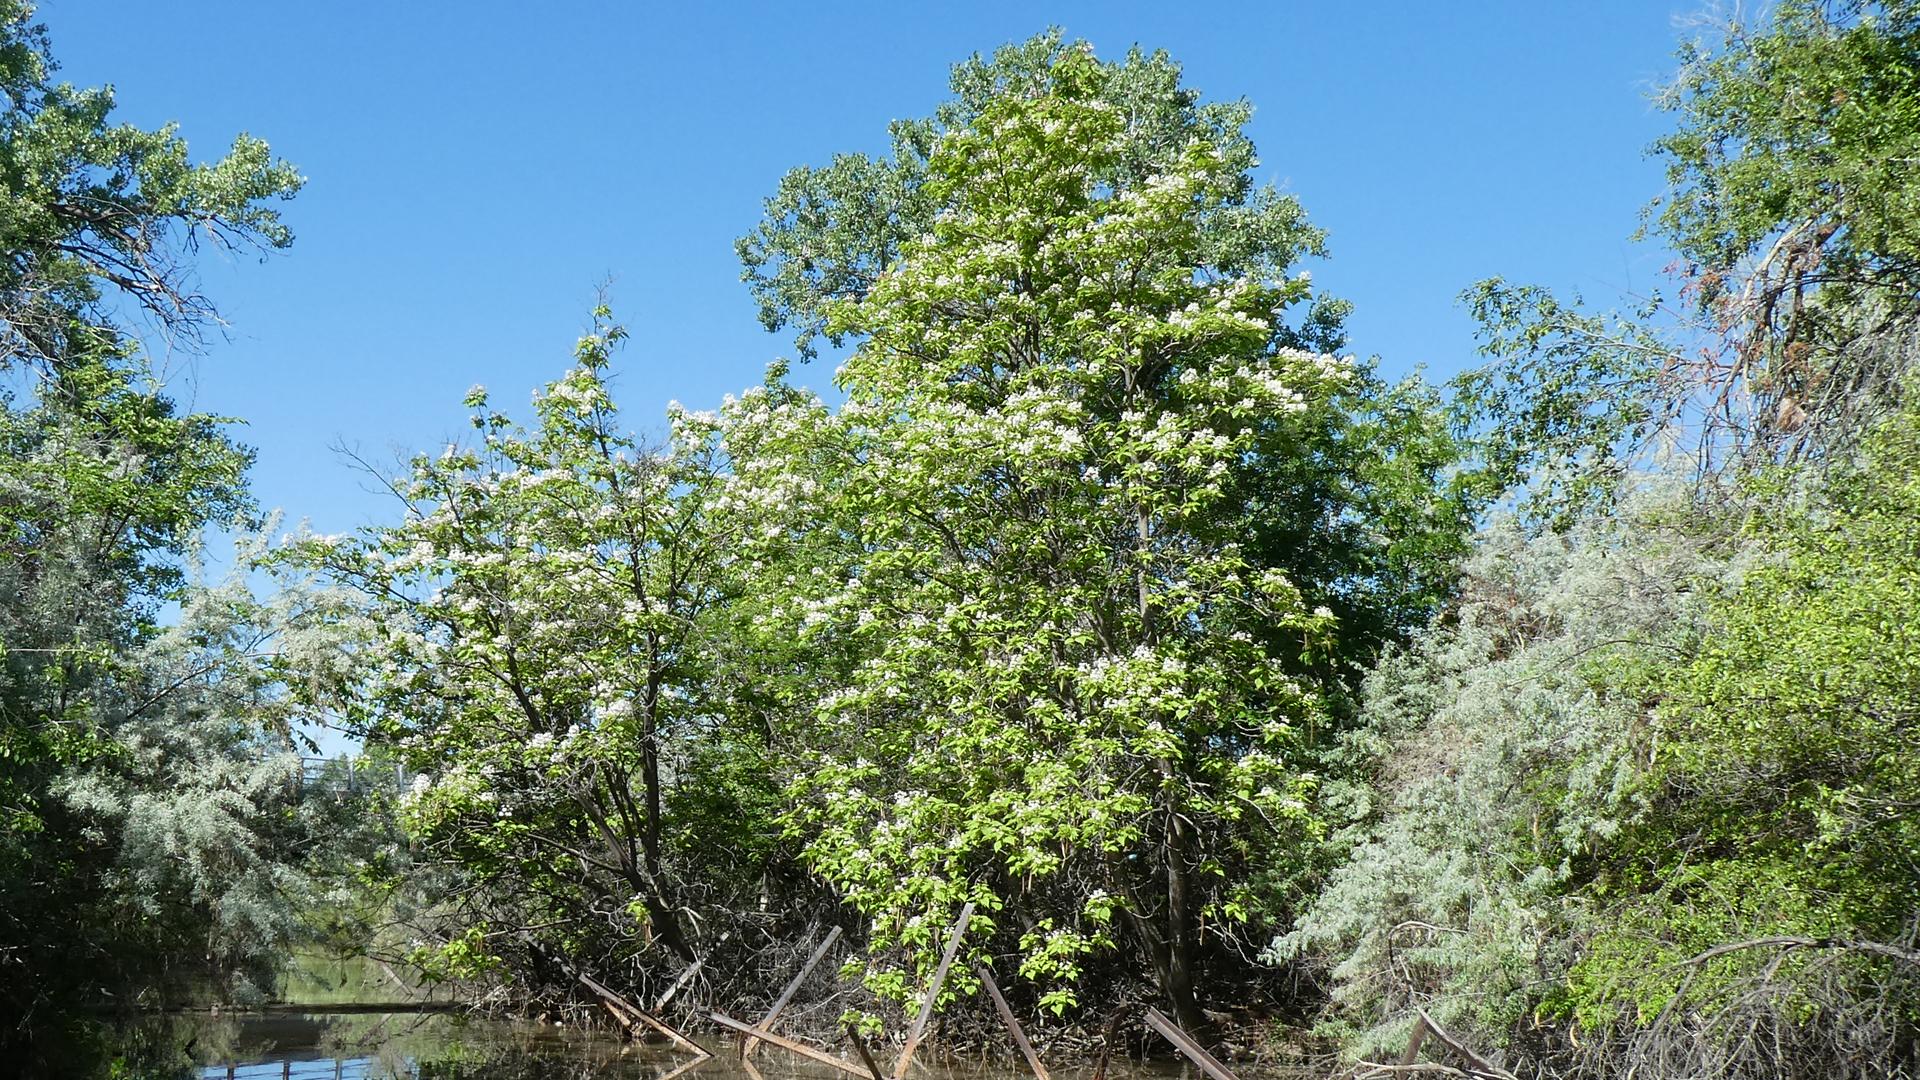 Escapee, Rio Grande Bosque, Albuquerque, May 2021